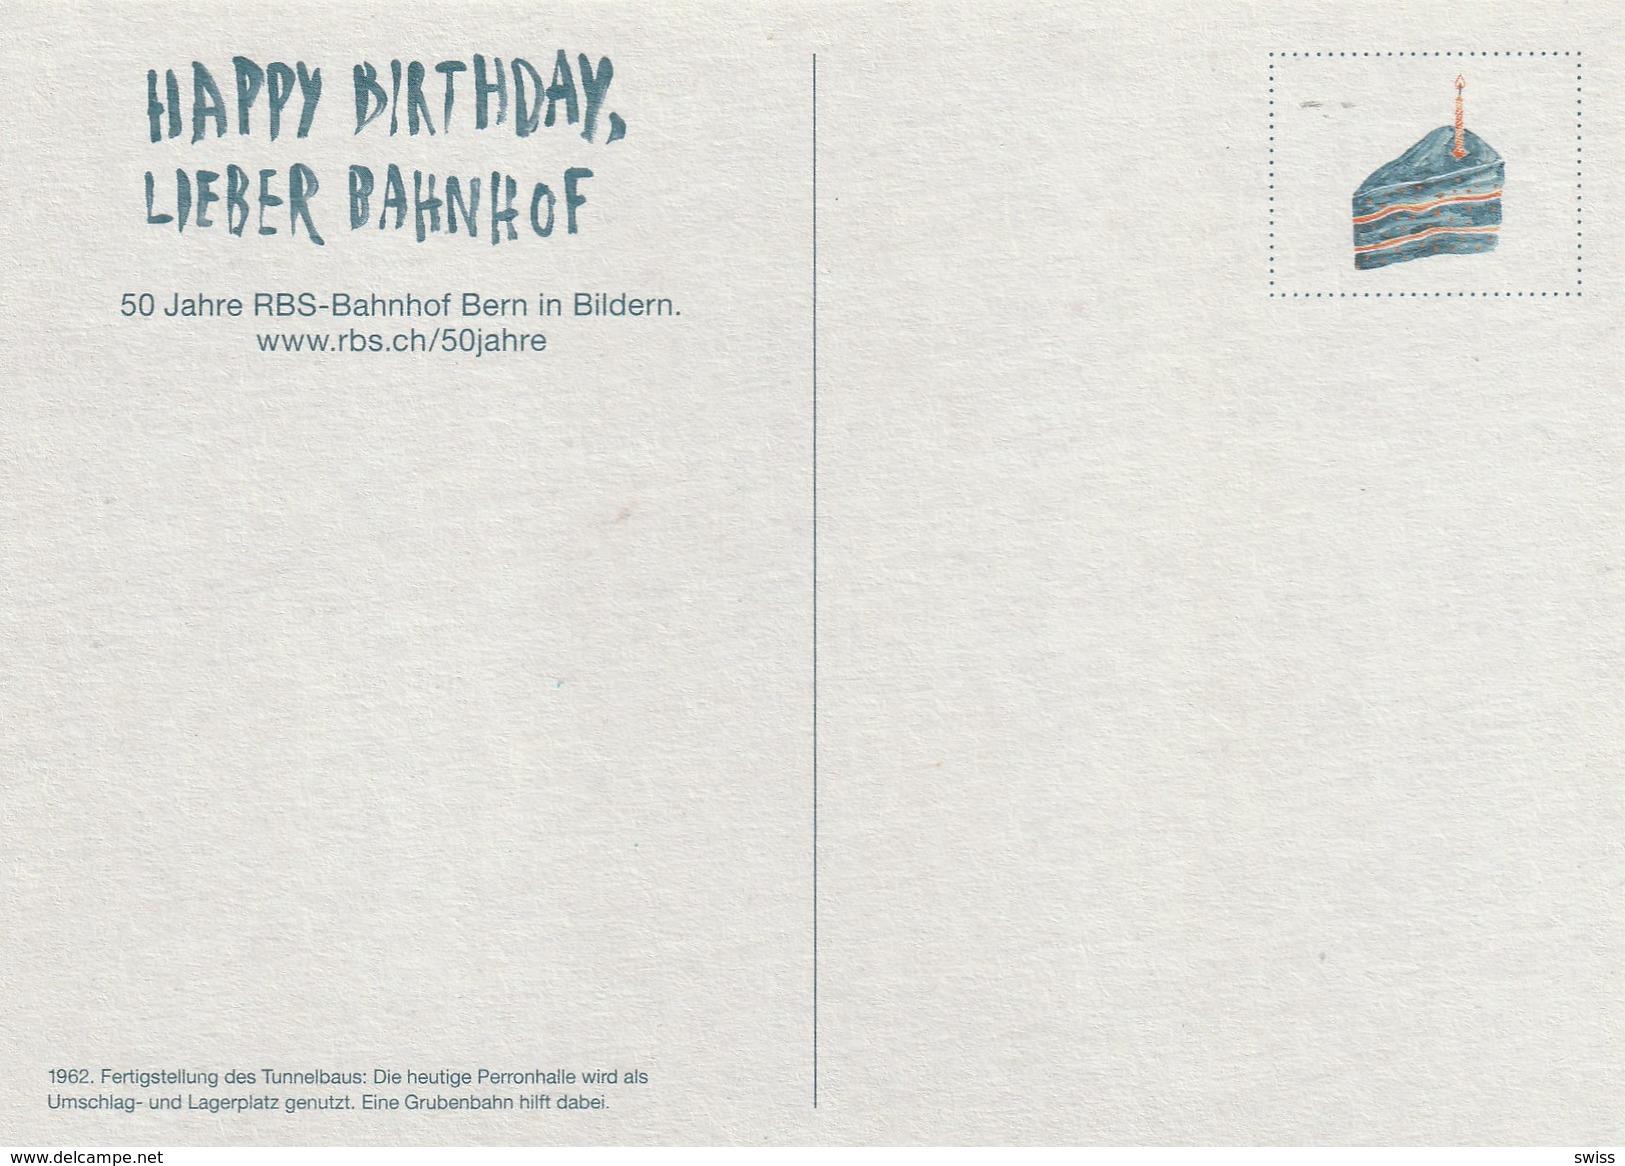 BERN, HAPPY BIRTHDAY LIEBER BAHNHOF TEKST HINTERSEITE - BE Berne